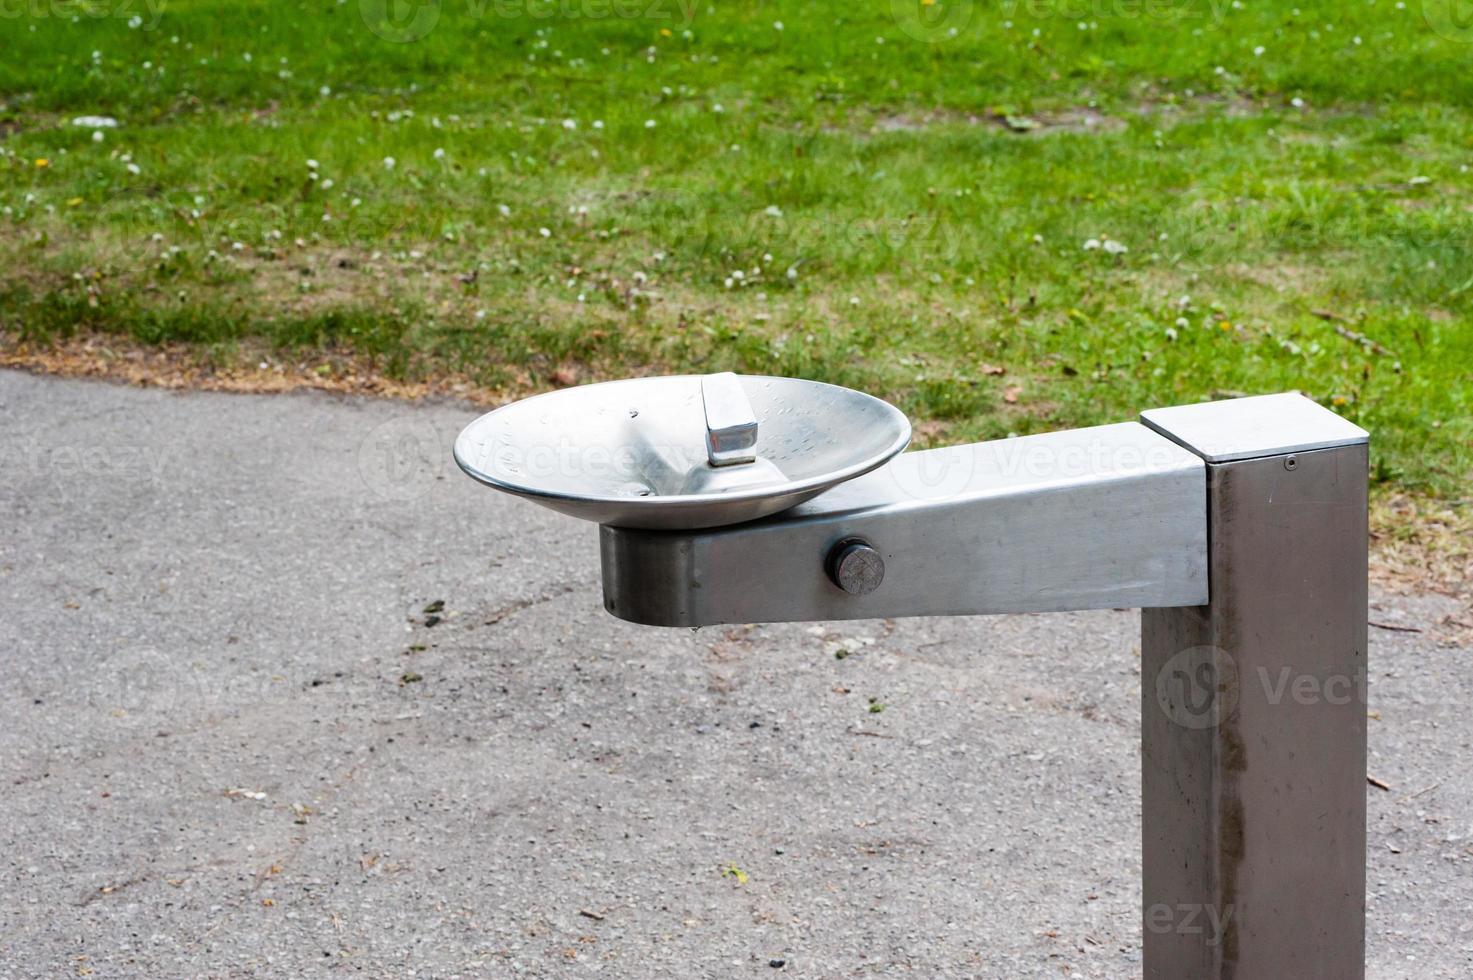 Fontanella in metallo nel parco foto